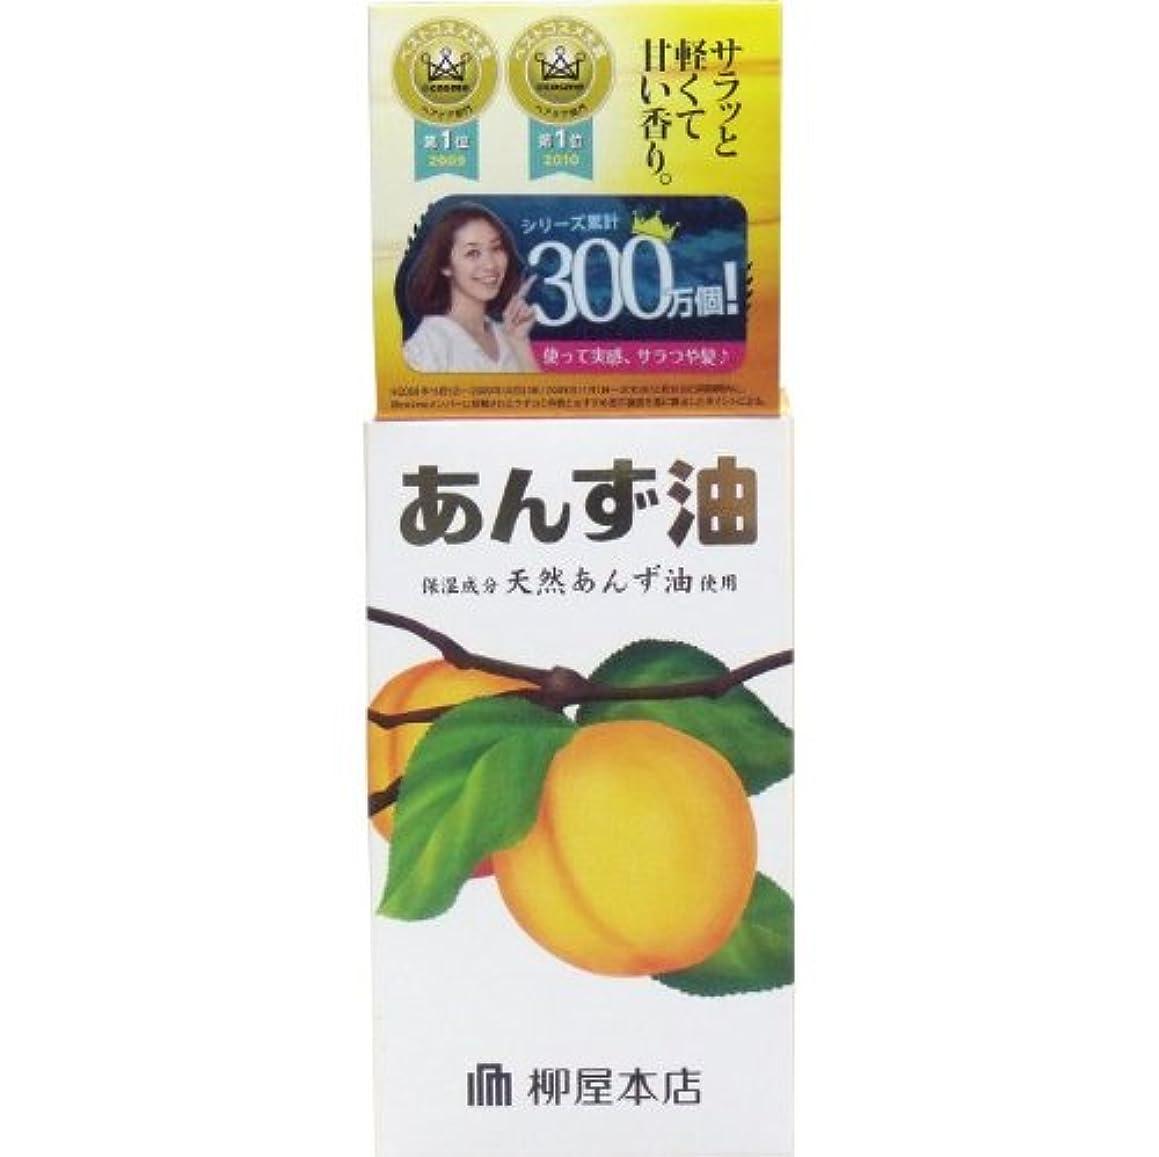 多分本質的に追加するミネラル 潤い ヘアオイル サラッと軽くて甘い香り!60mL【3個セット】